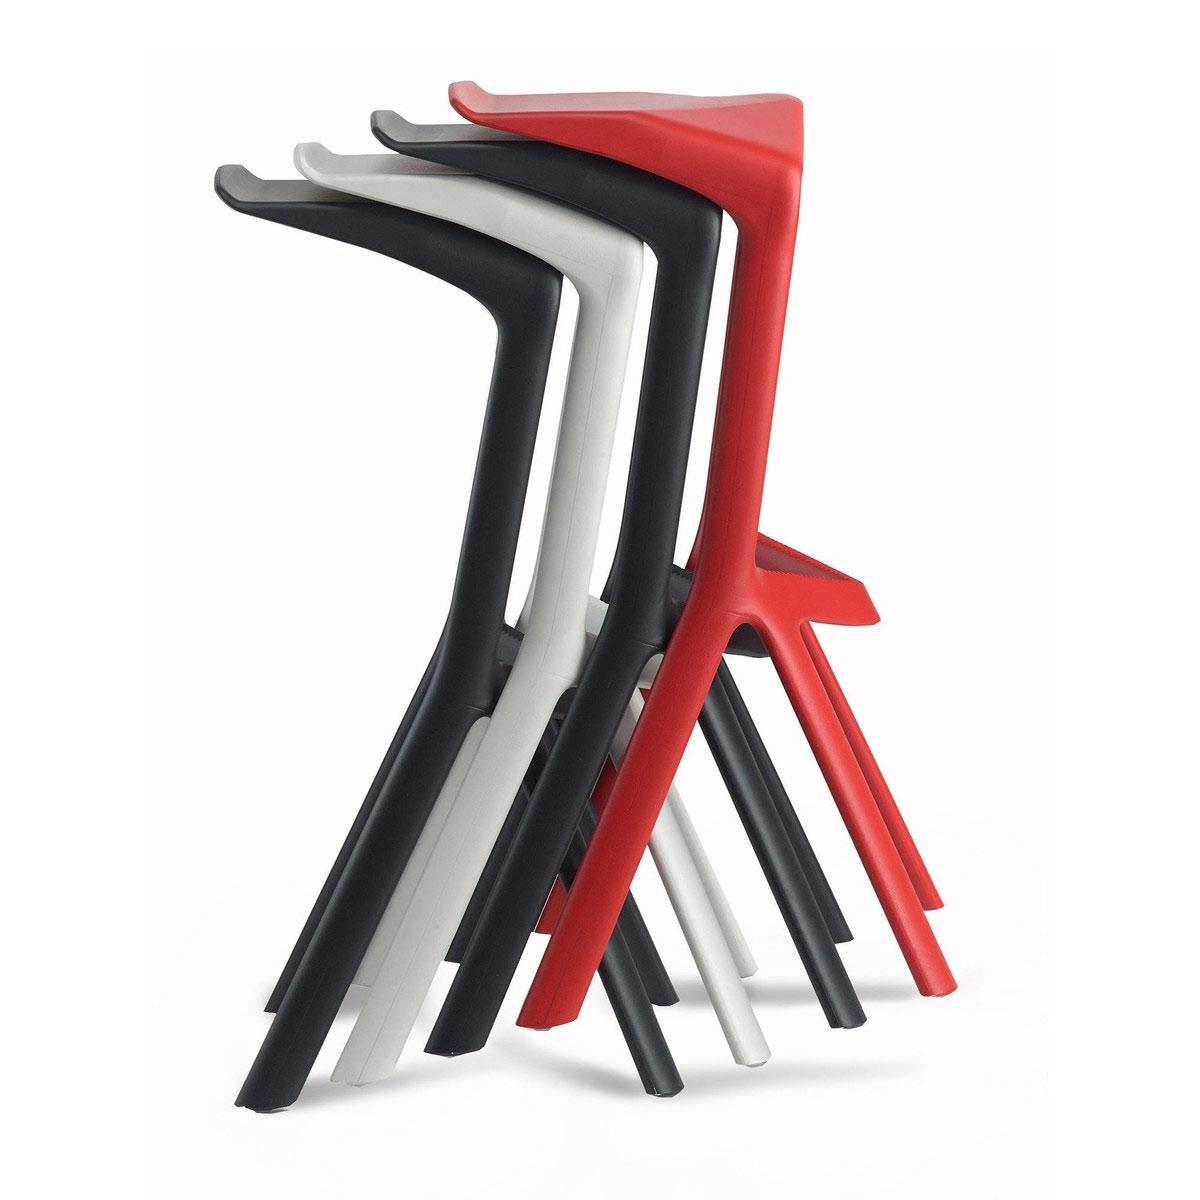 Miura hocker konstantin grcic plank i design deli - Miura barhocker ...